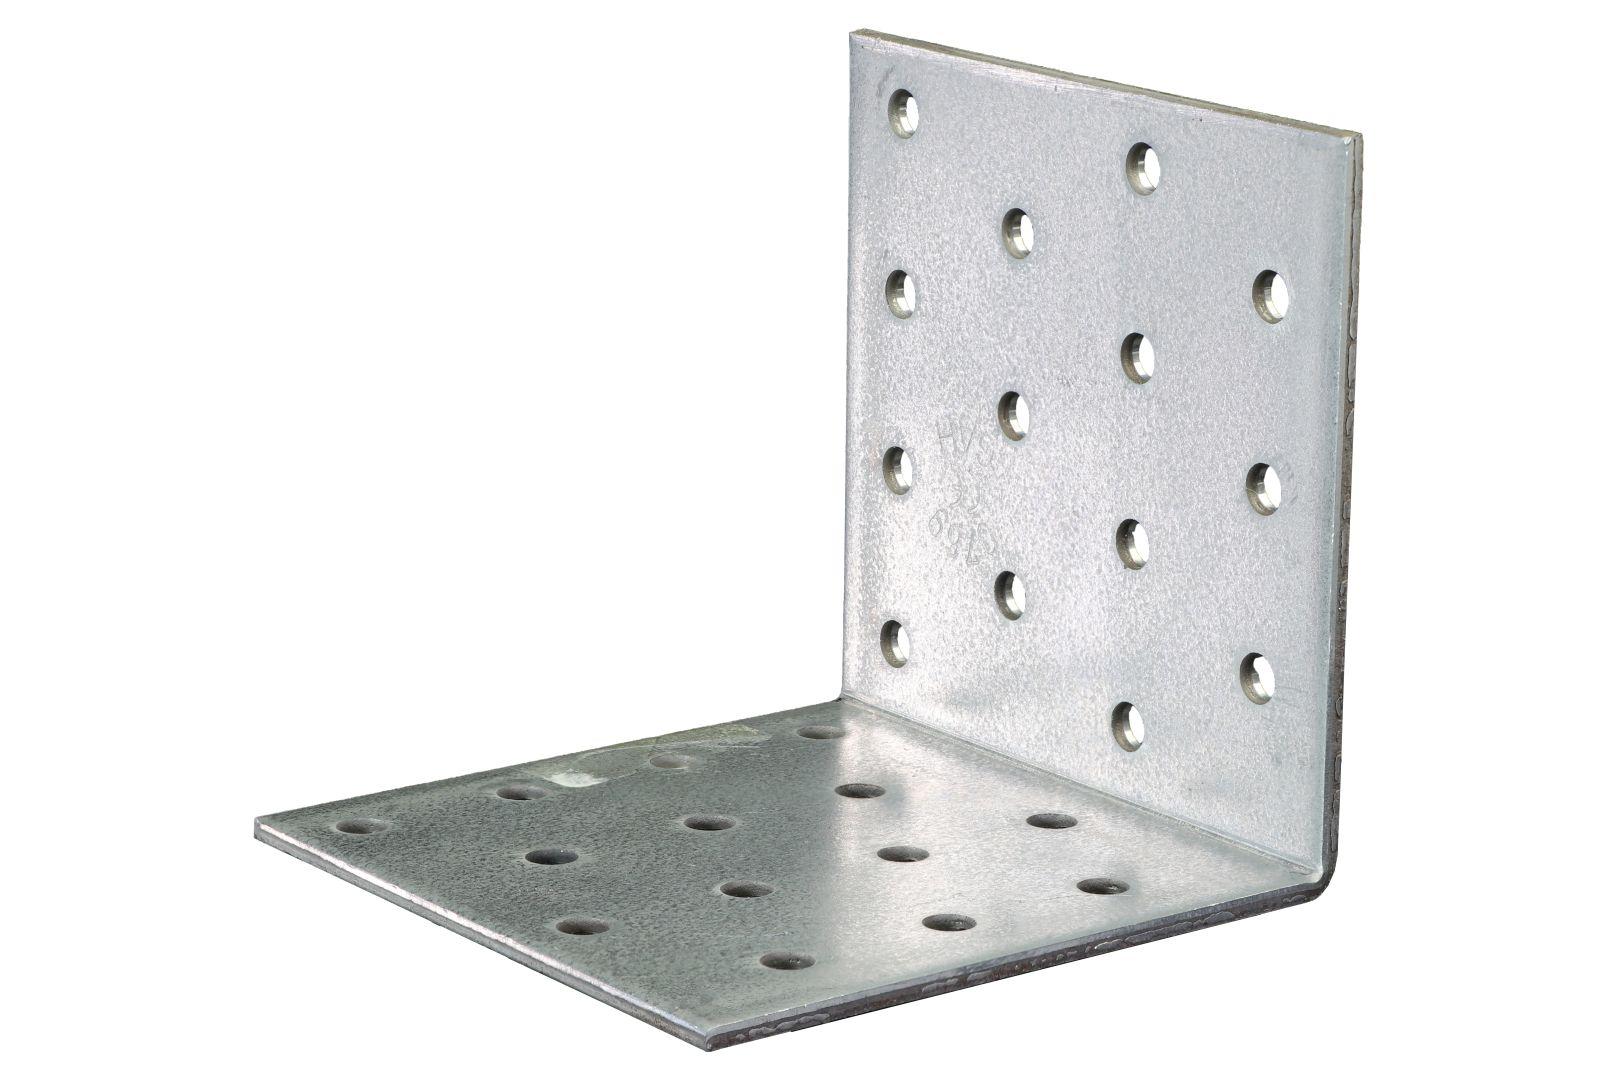 GAH Lochplattenwinkel, Winkelverbinder, sendzimirverzinkt, 80 x 80 x 80 mm, Stärke: 2,5 mm